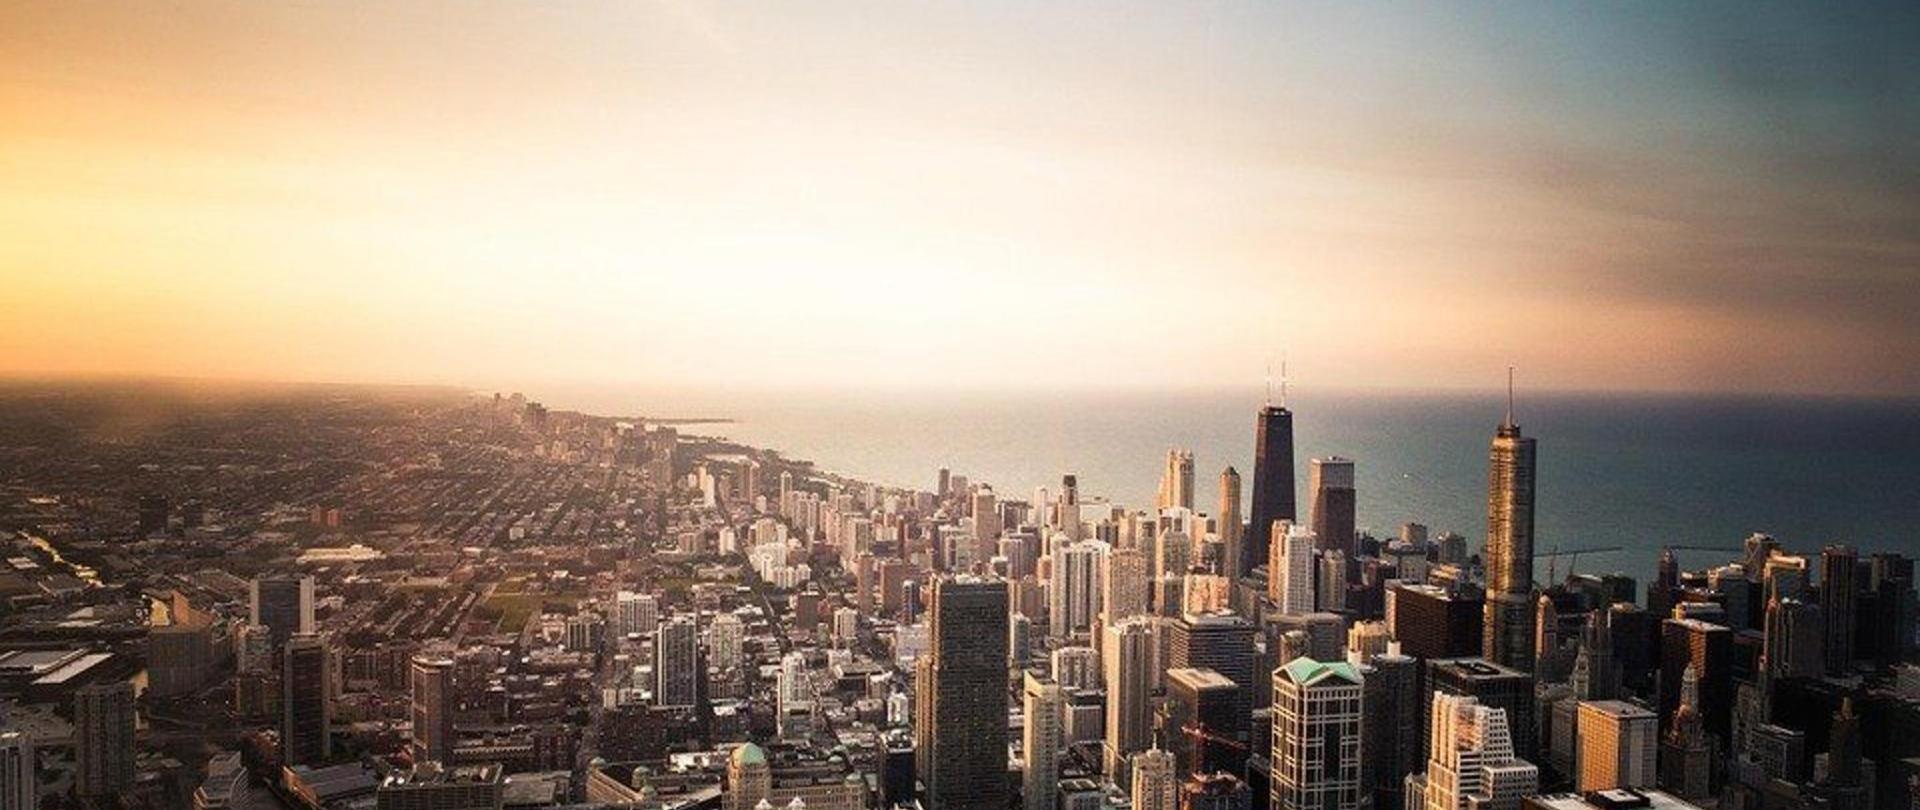 chicago-690364_960_720.jpg